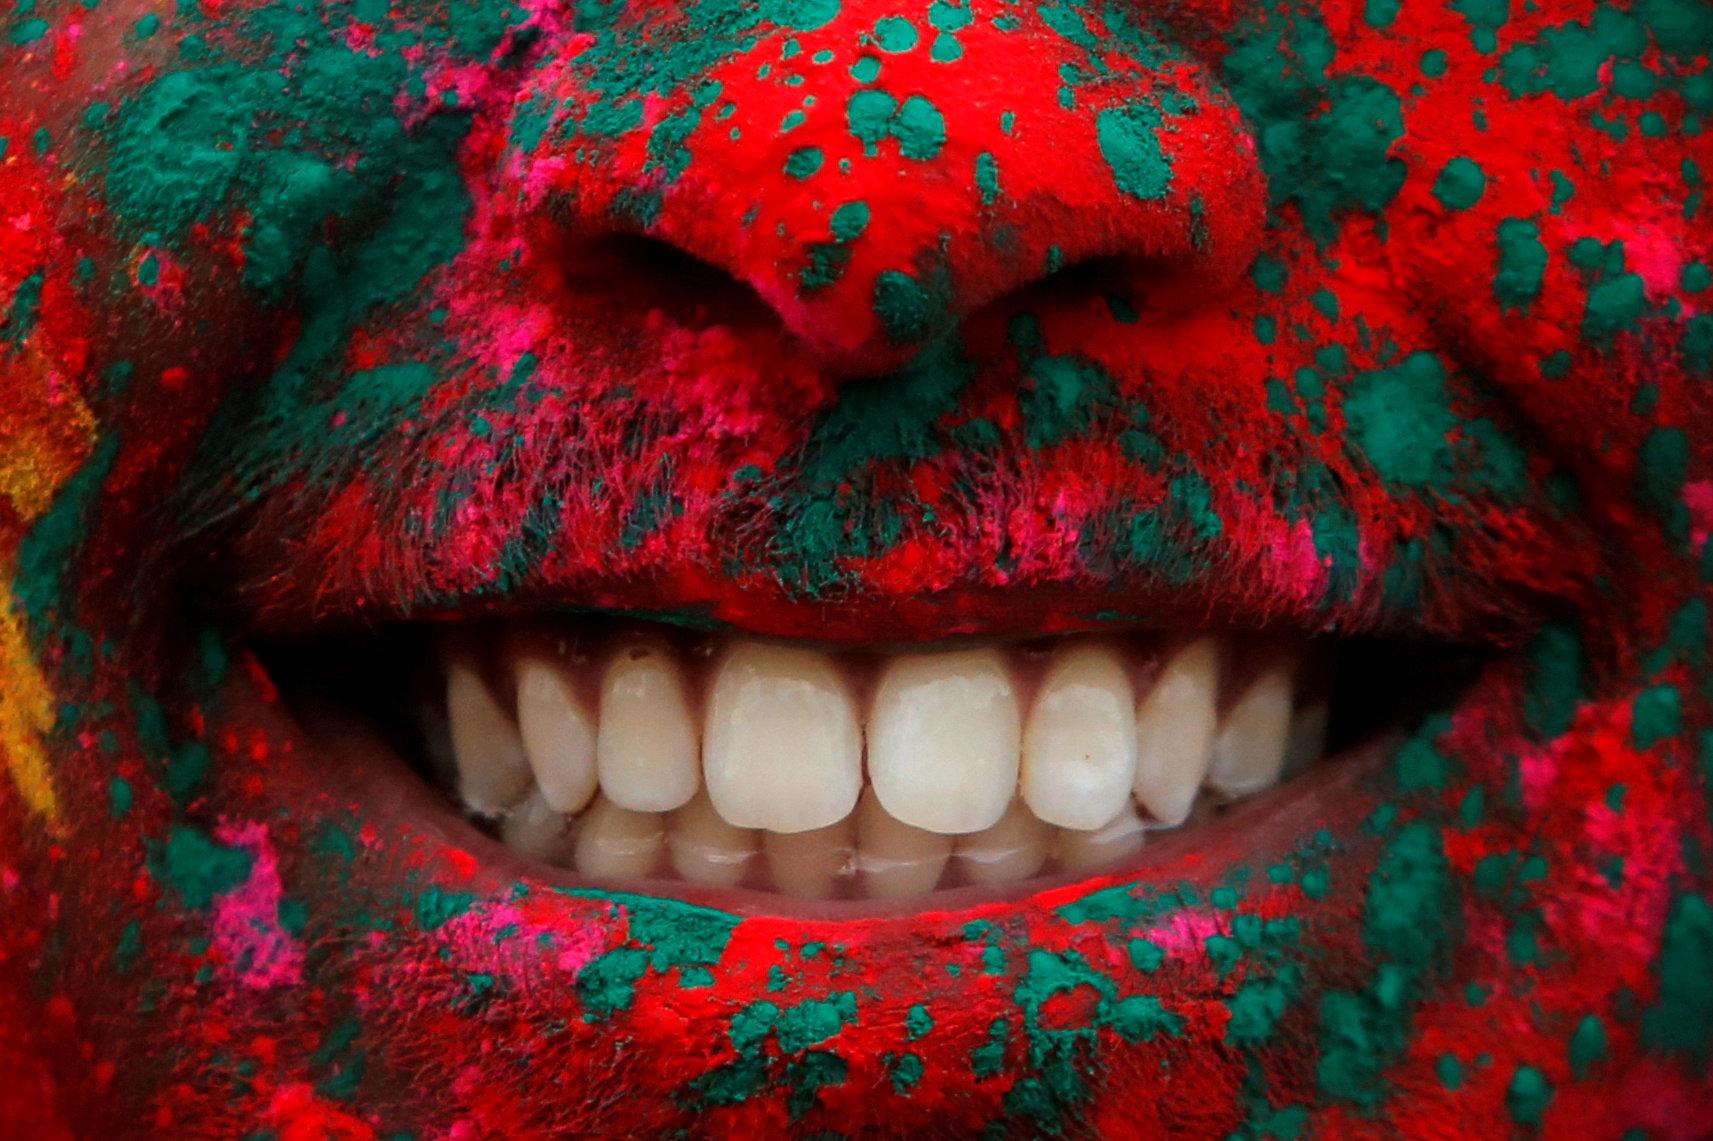 Стоматолог сказал, что самой опасной зубной болезнью в Украине является пародонтоз